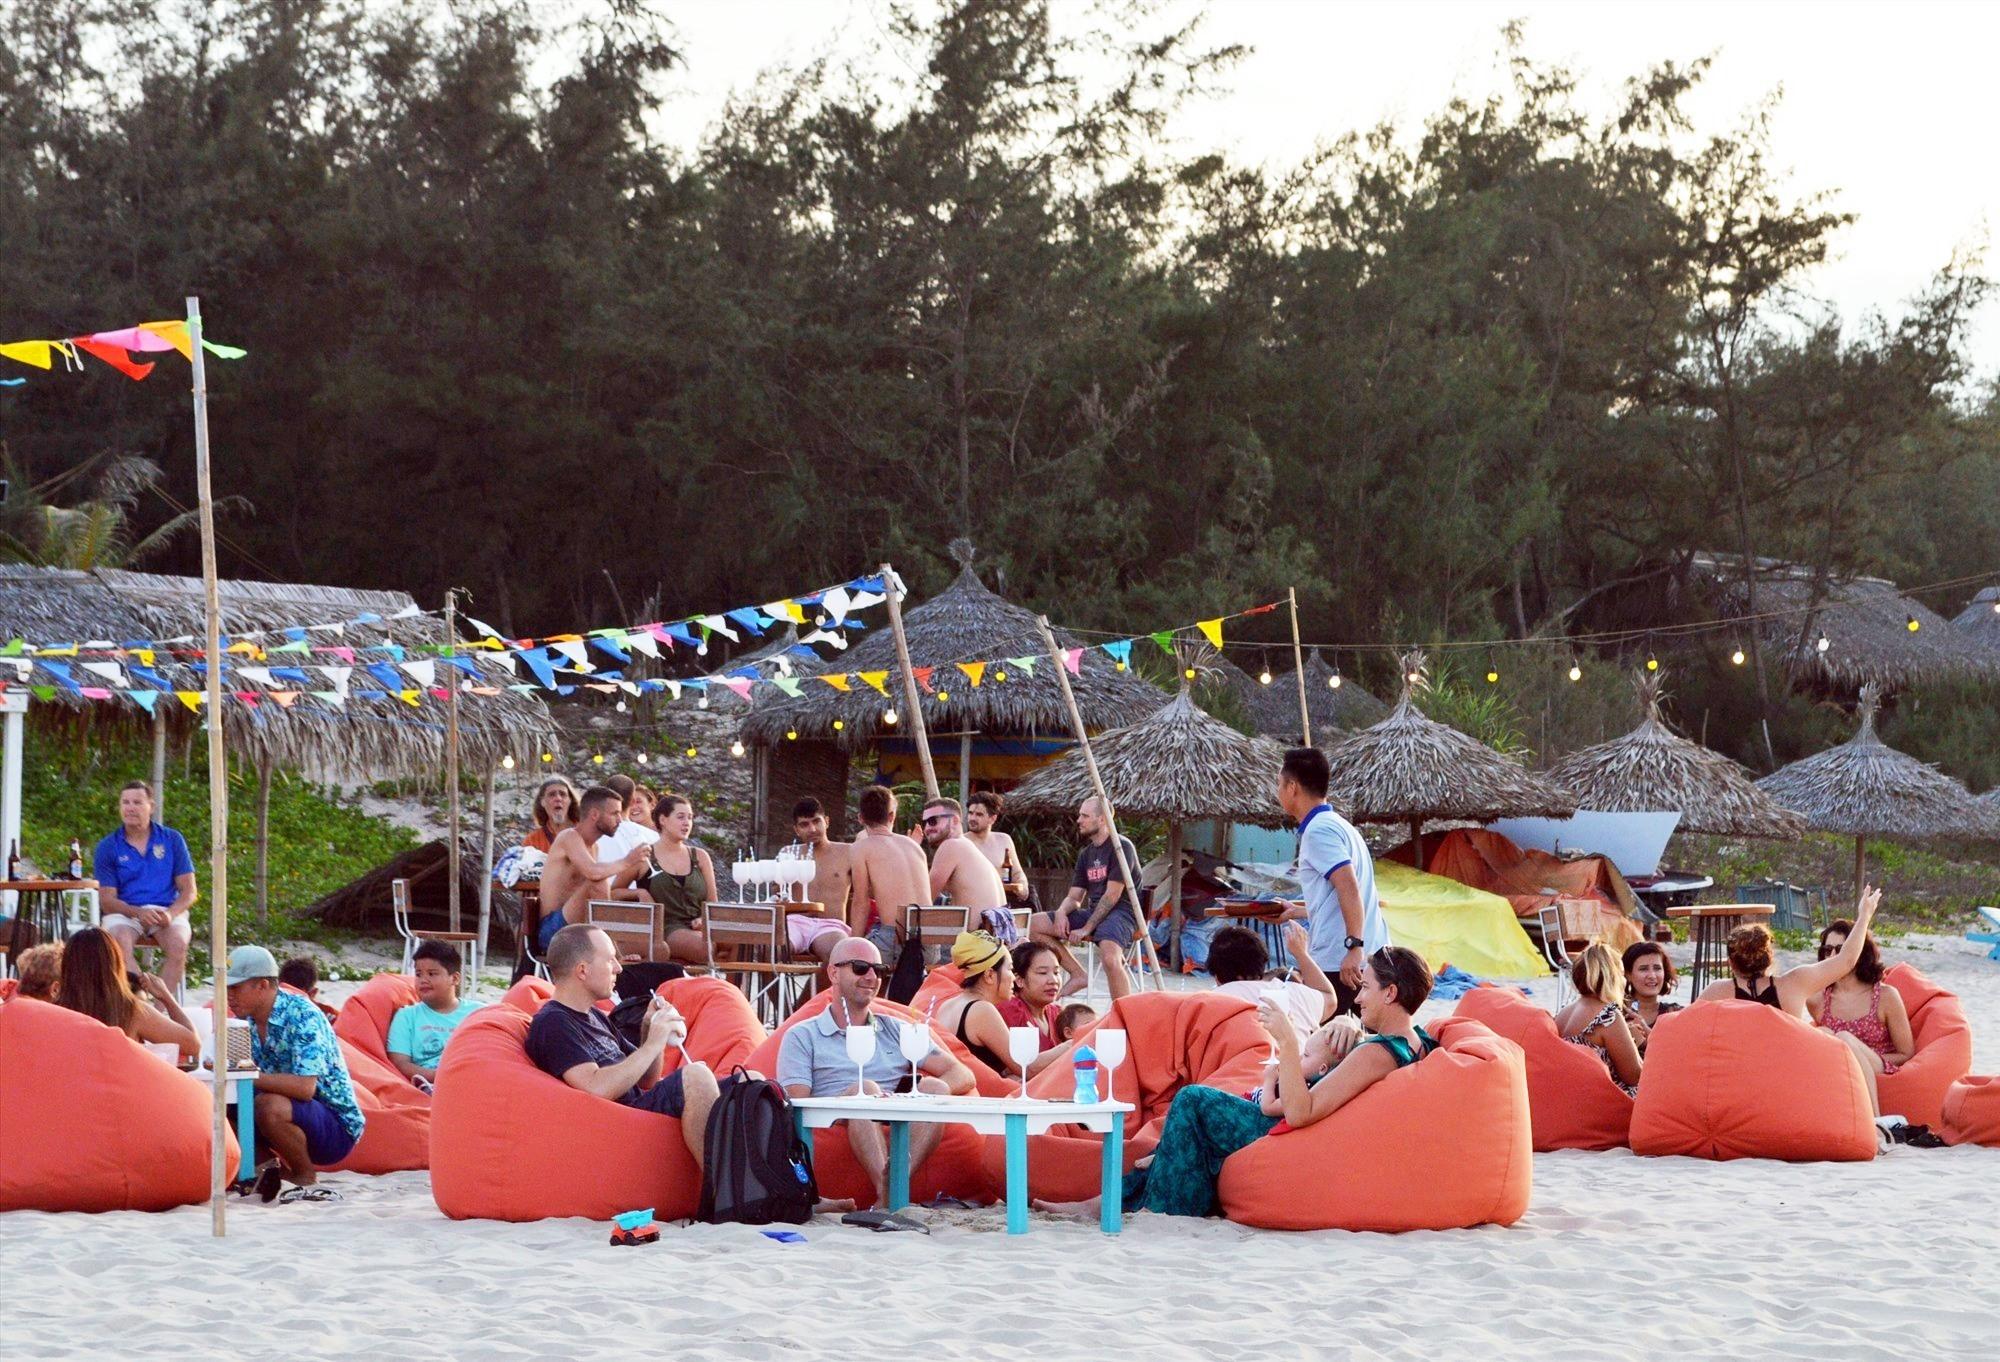 Quảng Nam: Sắp diễn ra lễ hội ẩm thực và âm nhạc biển An Bàng